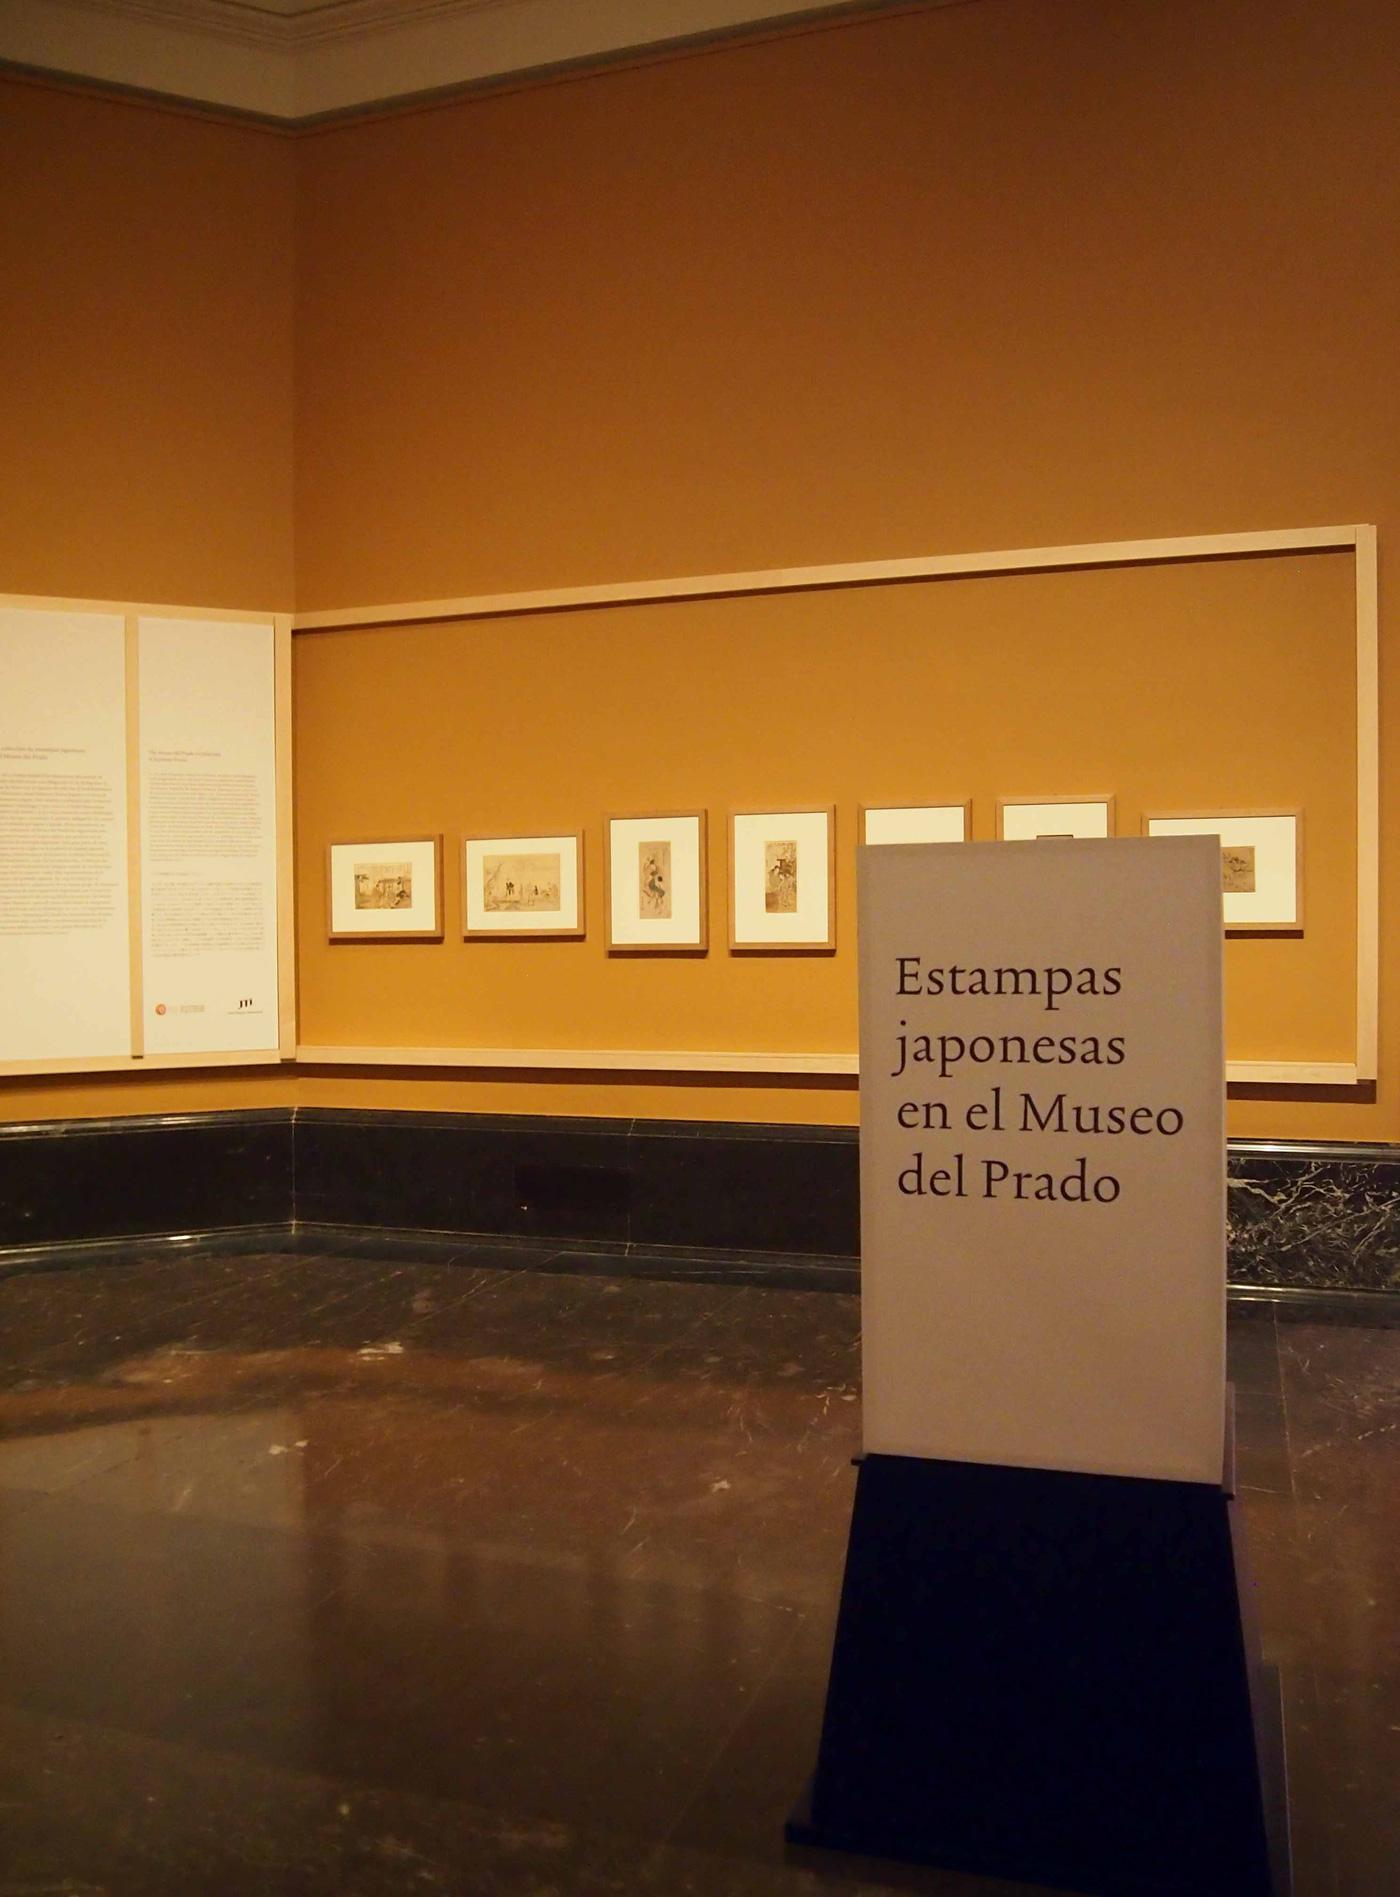 Biombos_y_Estampas_Japonesas_Museo_Nacional_del_Prado_10.jpg